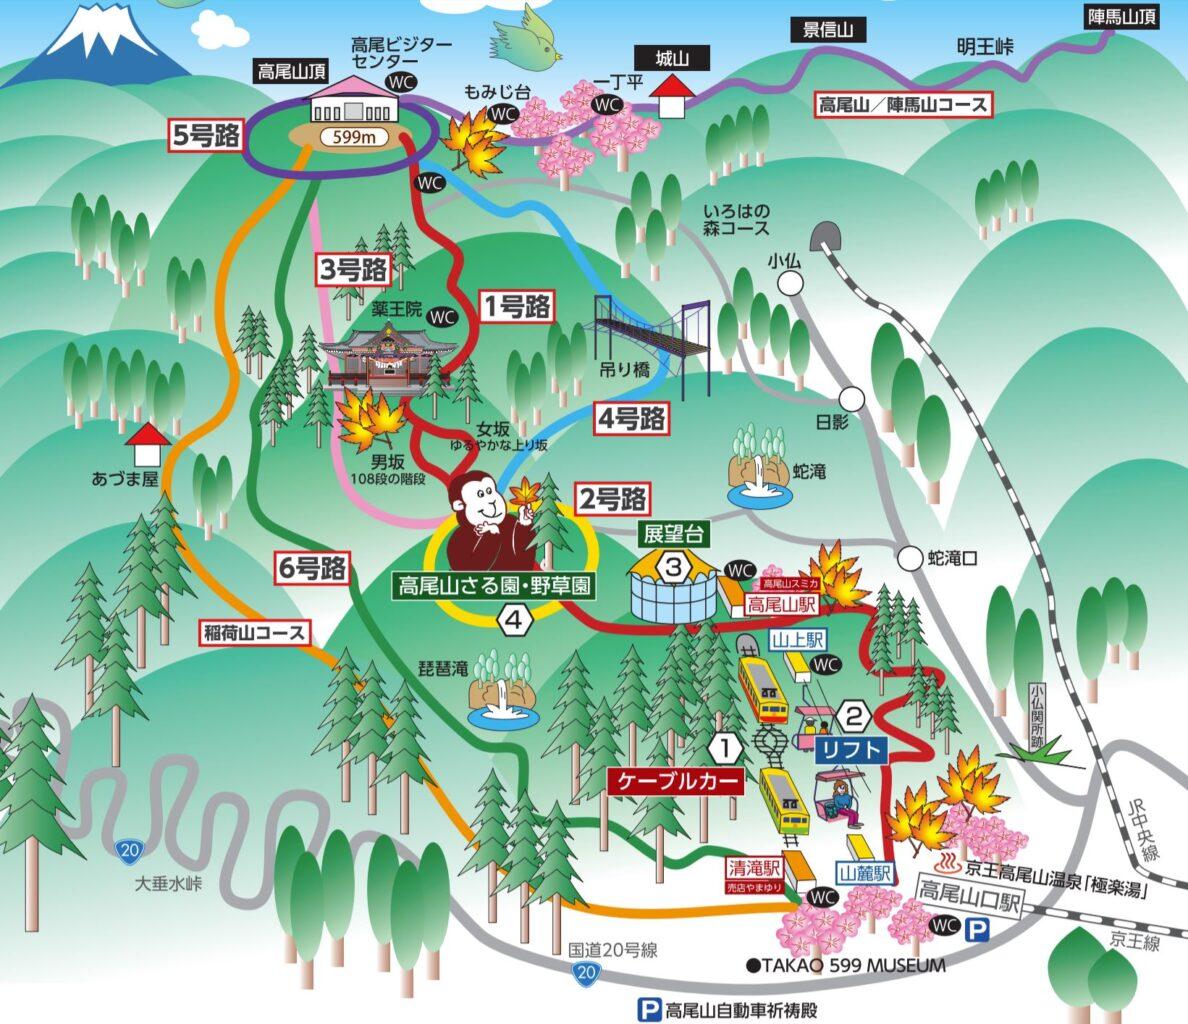 高尾山の全登山コース・難易度